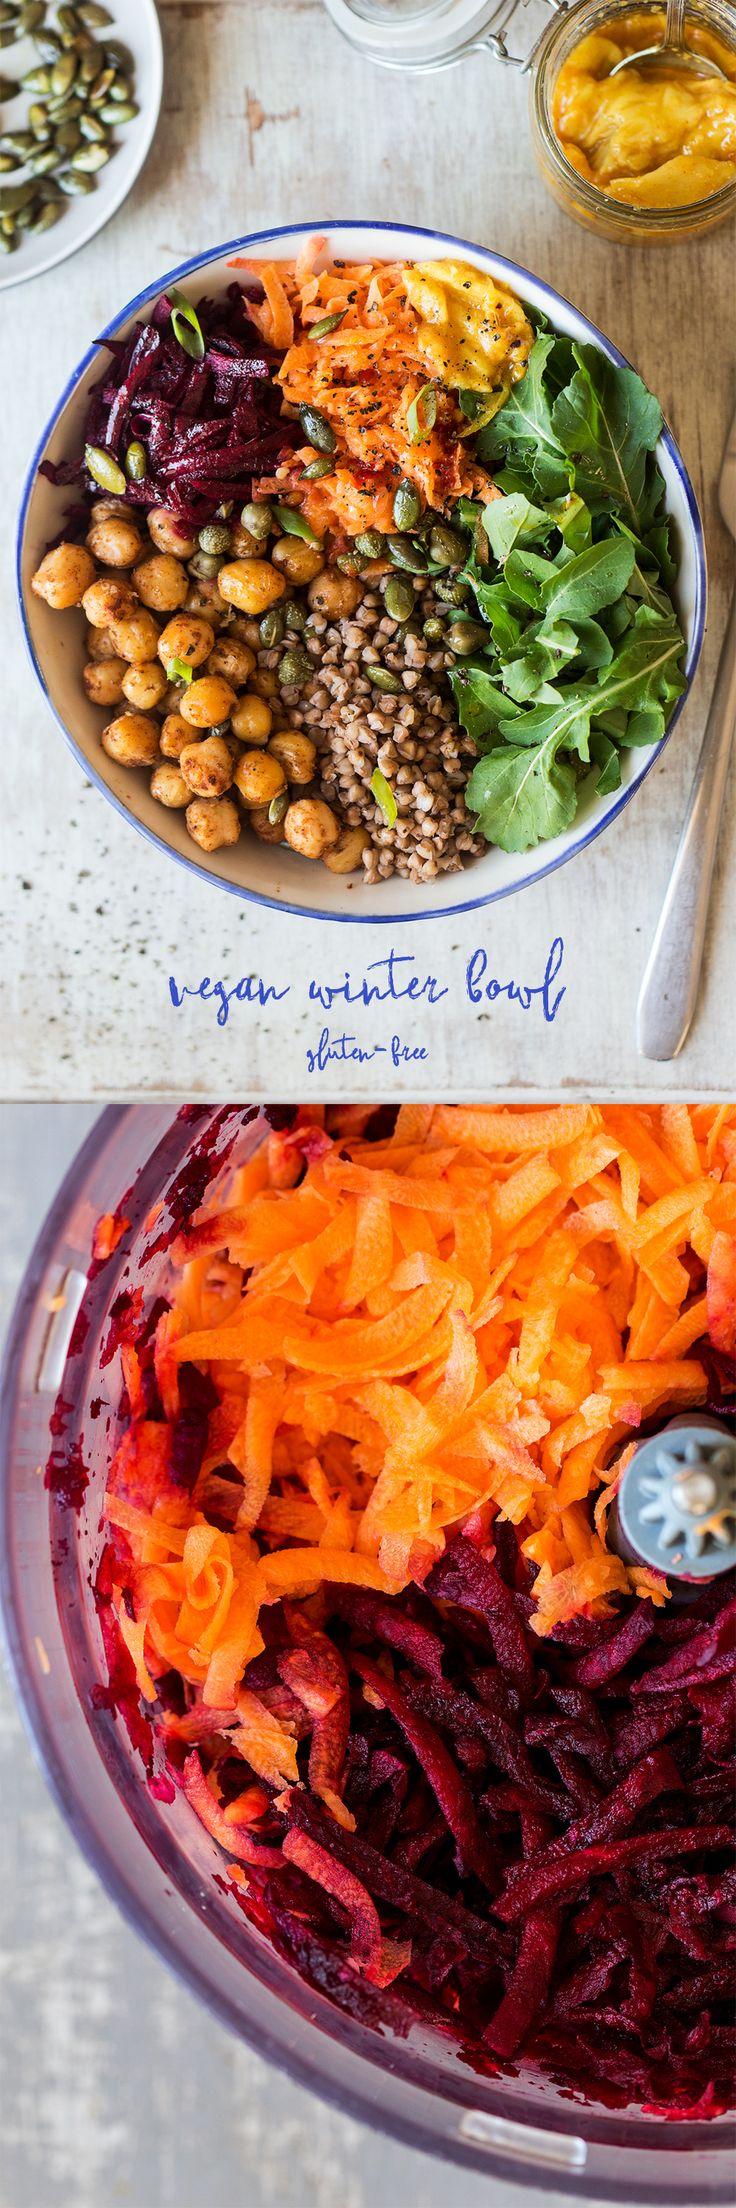 Vegan winter bowl